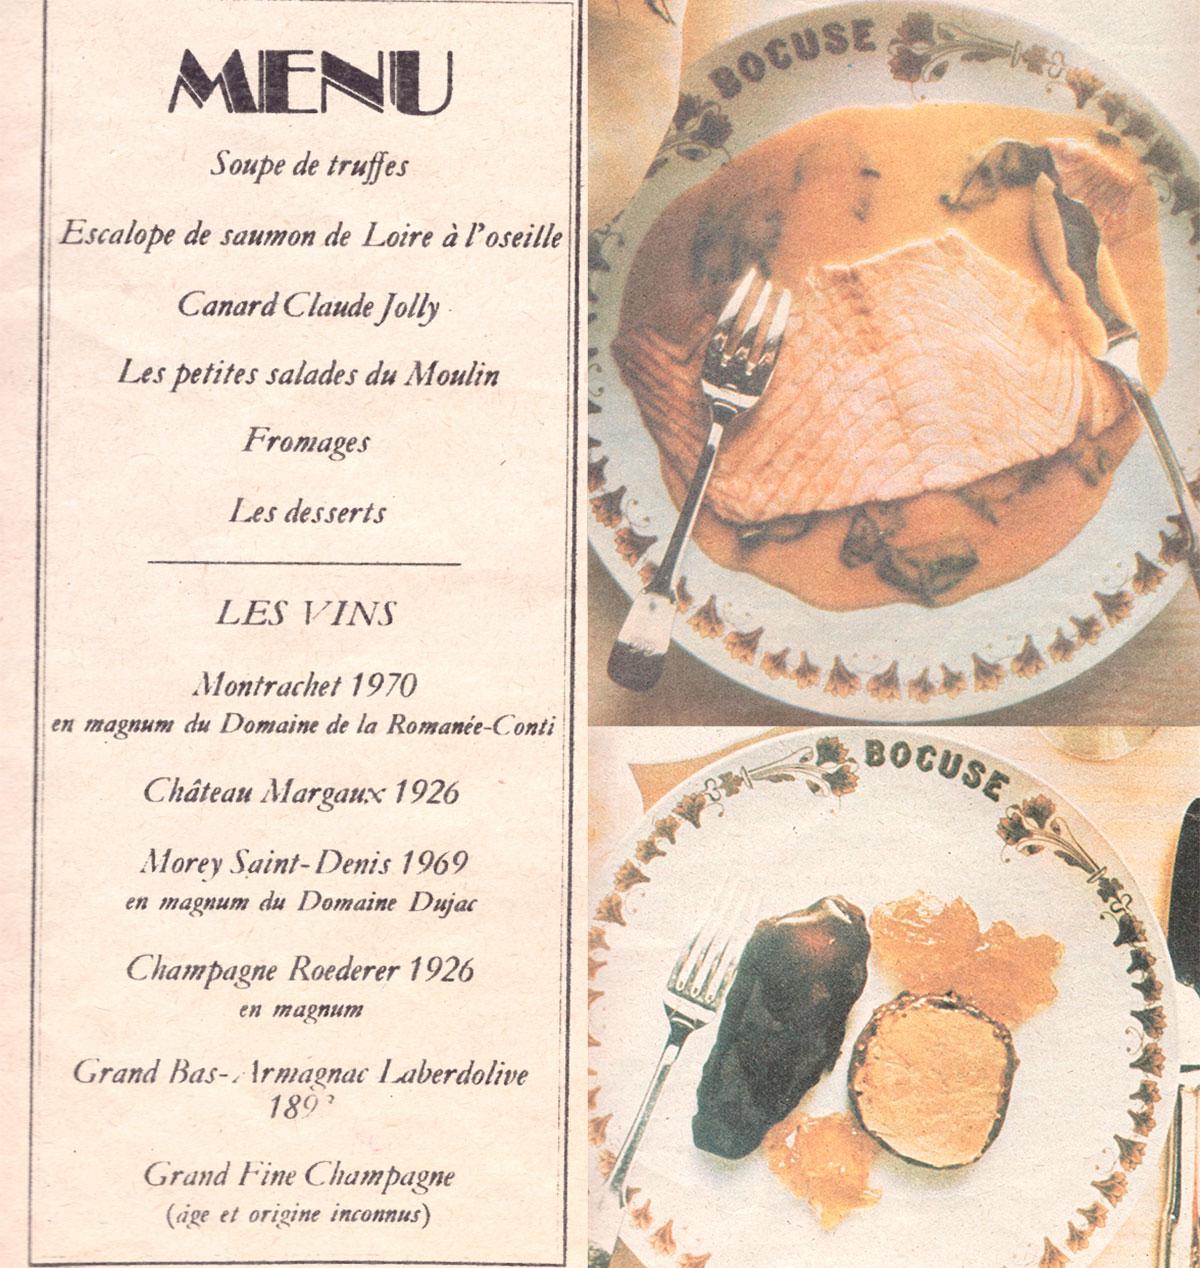 El menú y un par de platos publicado en ABC.